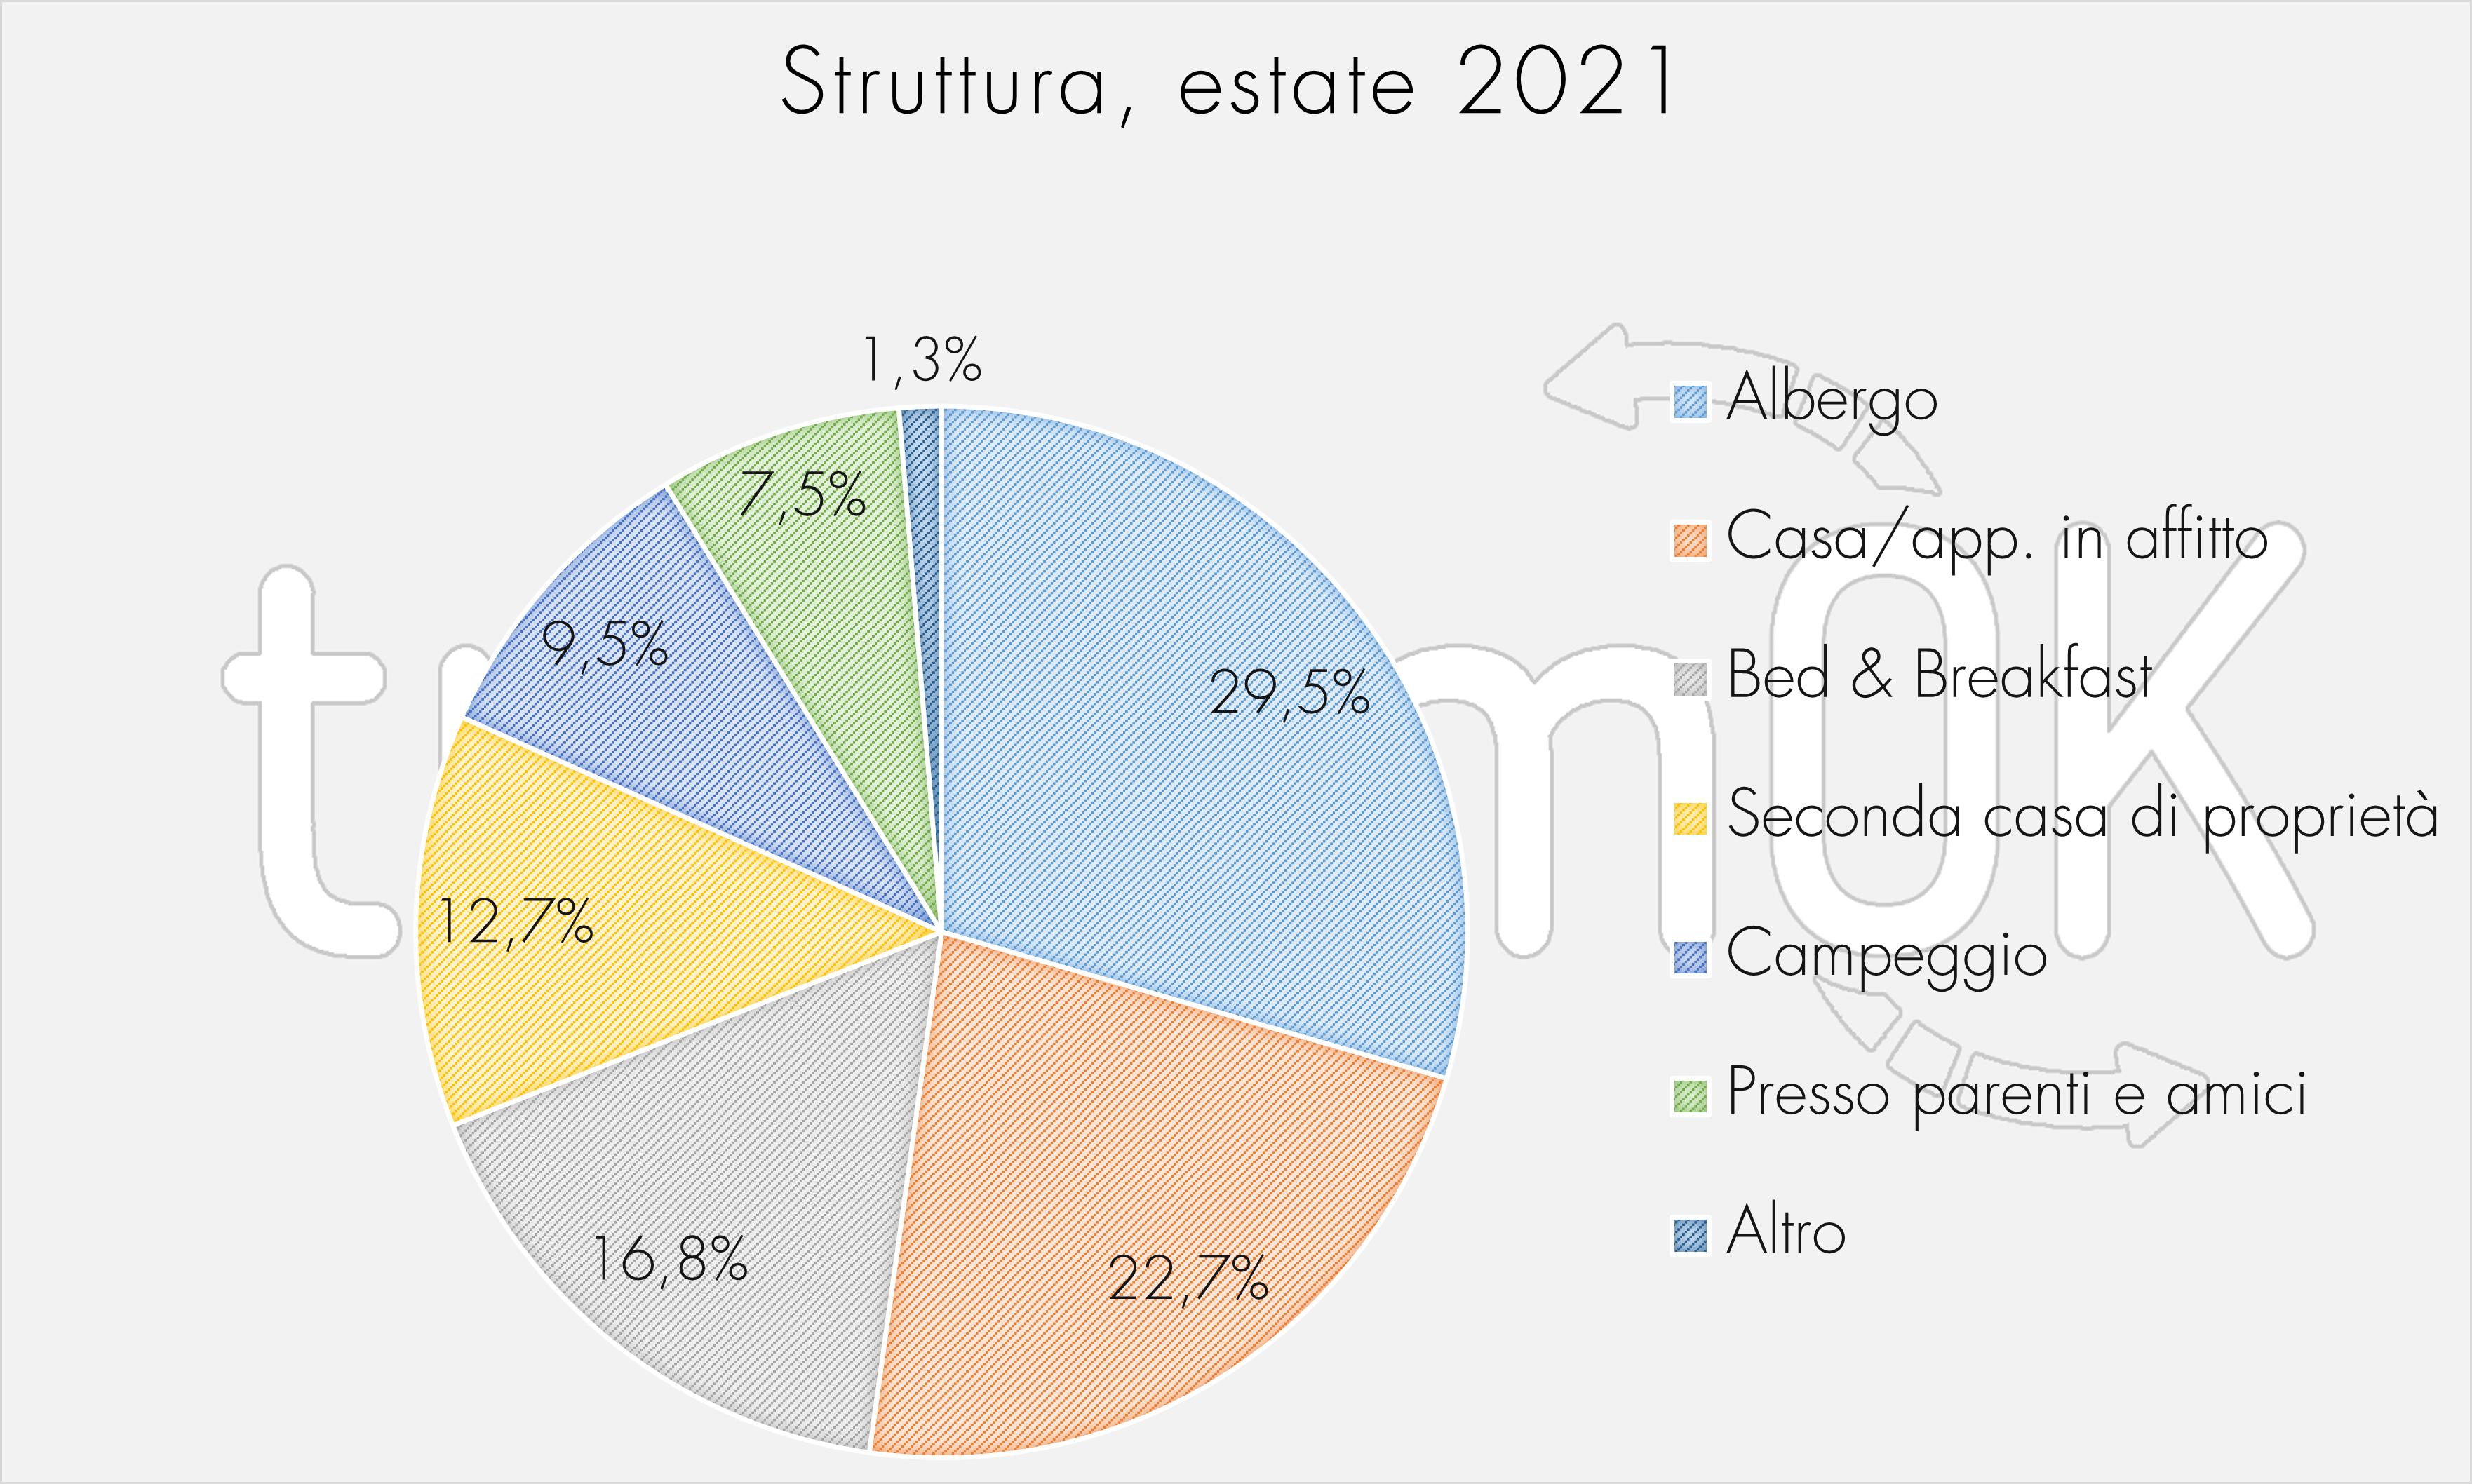 Struttura, estate 2021